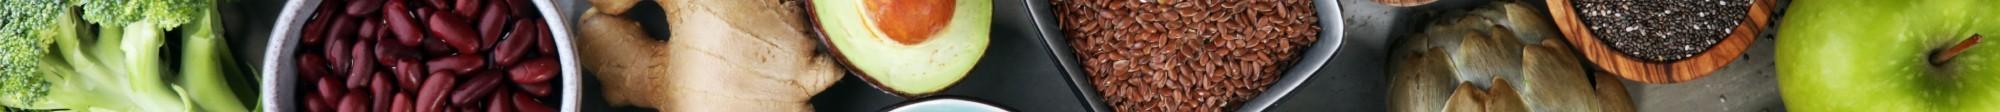 Comprar  productos Azucar Y Edulcorantes | Mixtura Gourmet